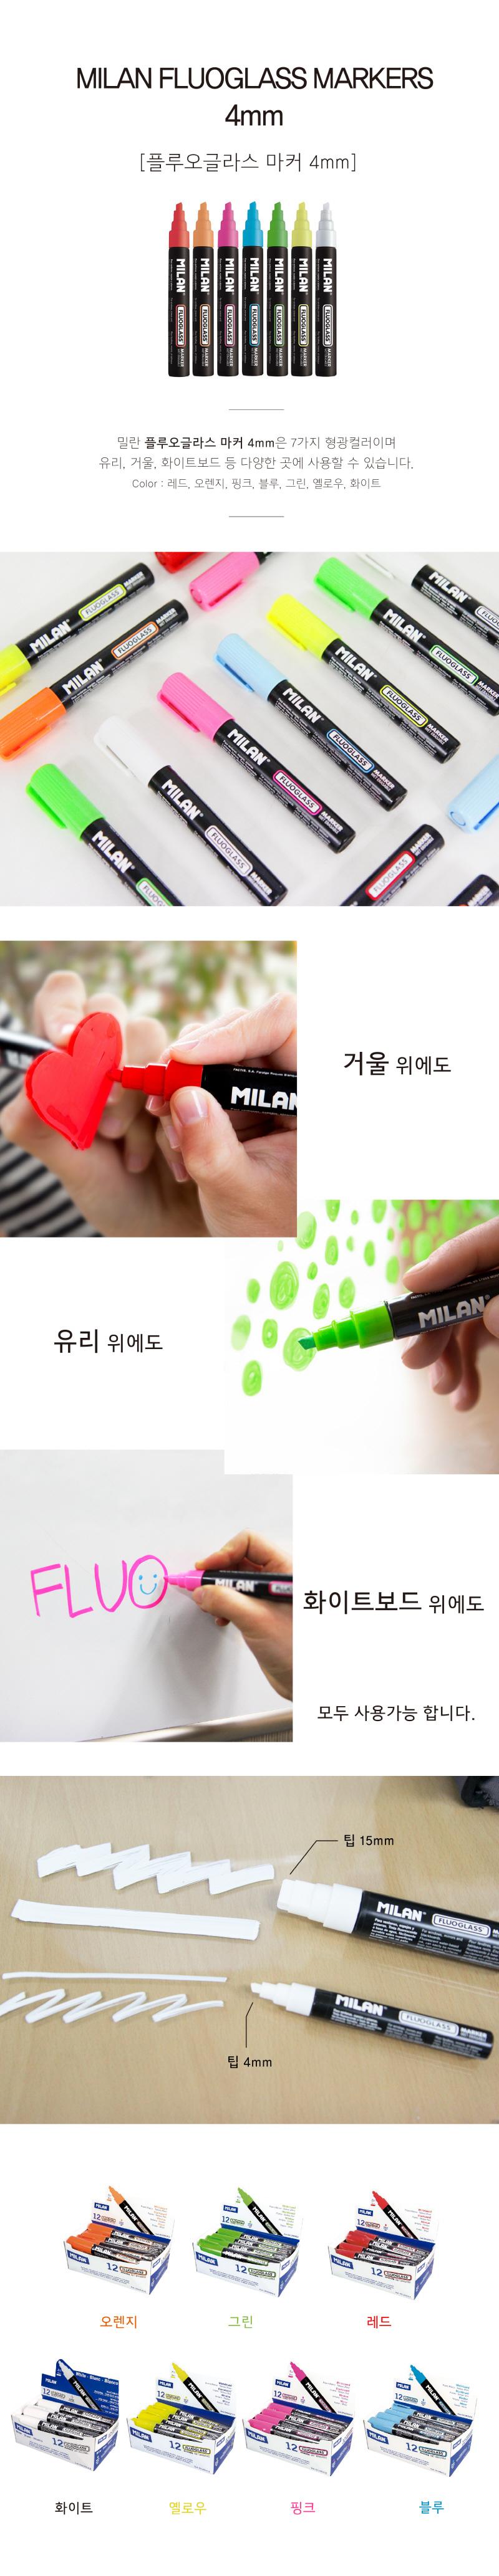 밀란 플루오글라스 마커 4mm - 펜스테이션, 5,000원, 볼펜, 멀티색상 볼펜